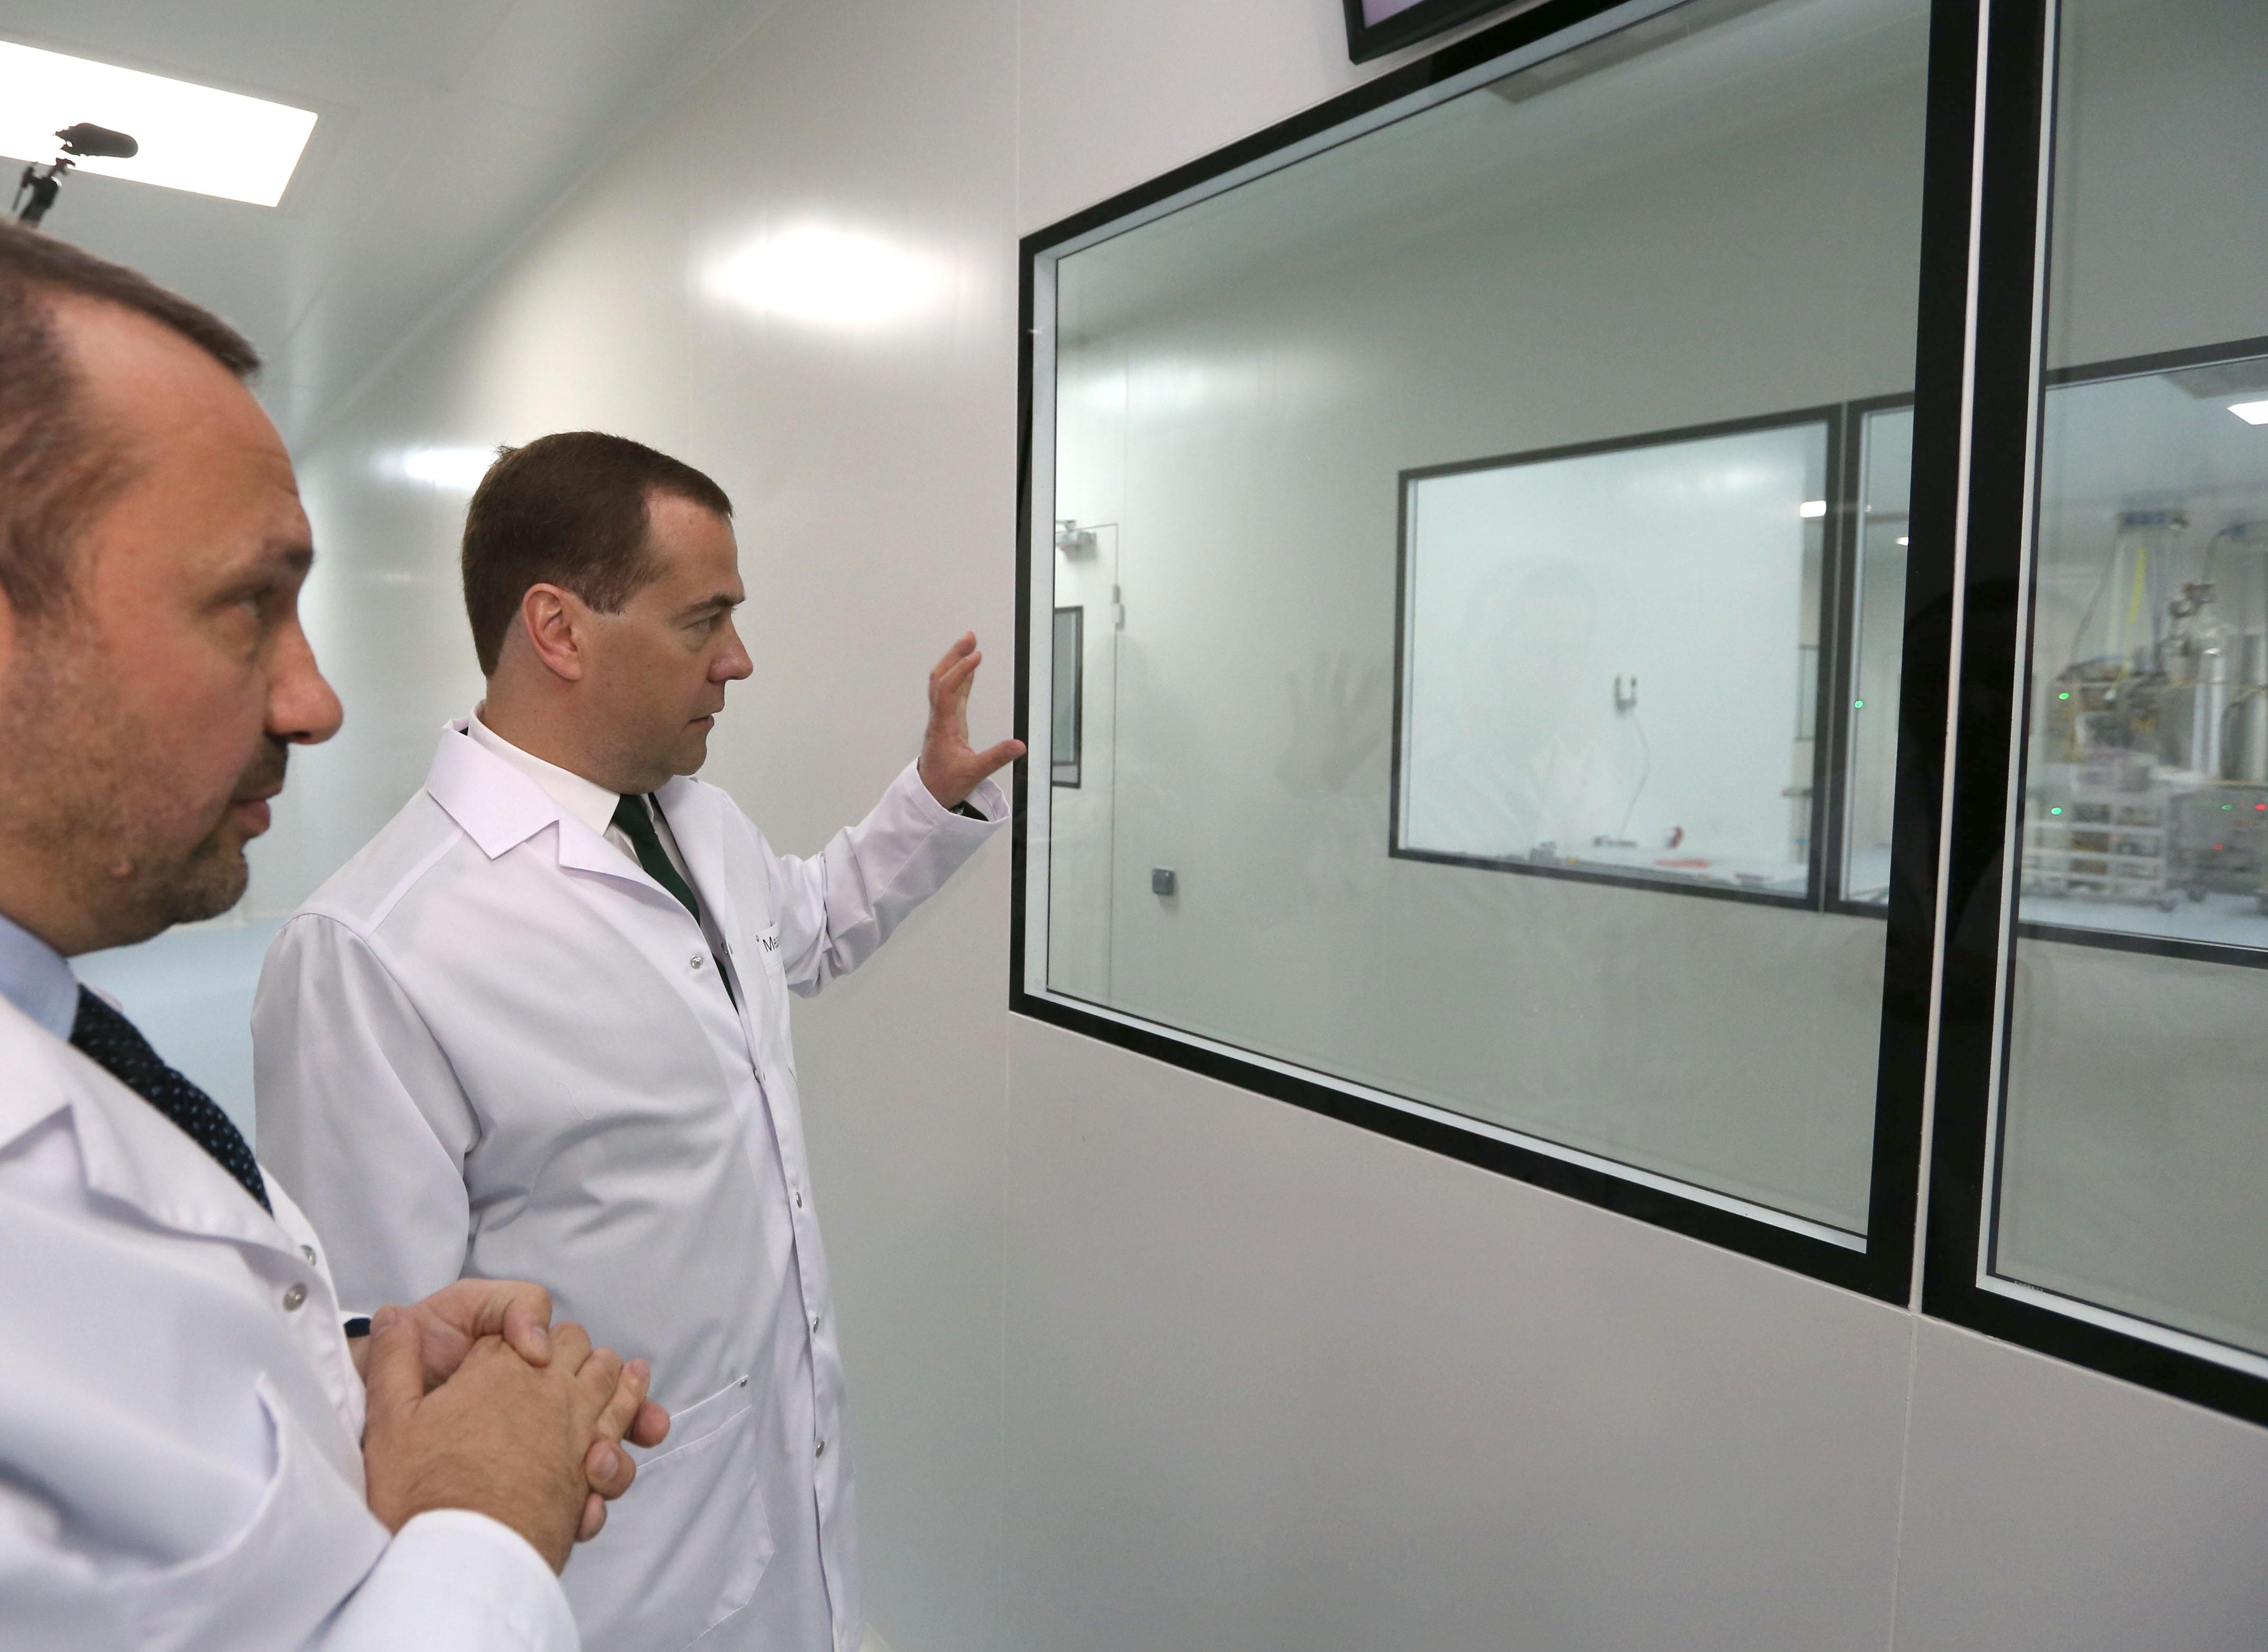 Дмитрий Медведев во время осмотра научно-производственного комплекса в Санкт-Петербурге